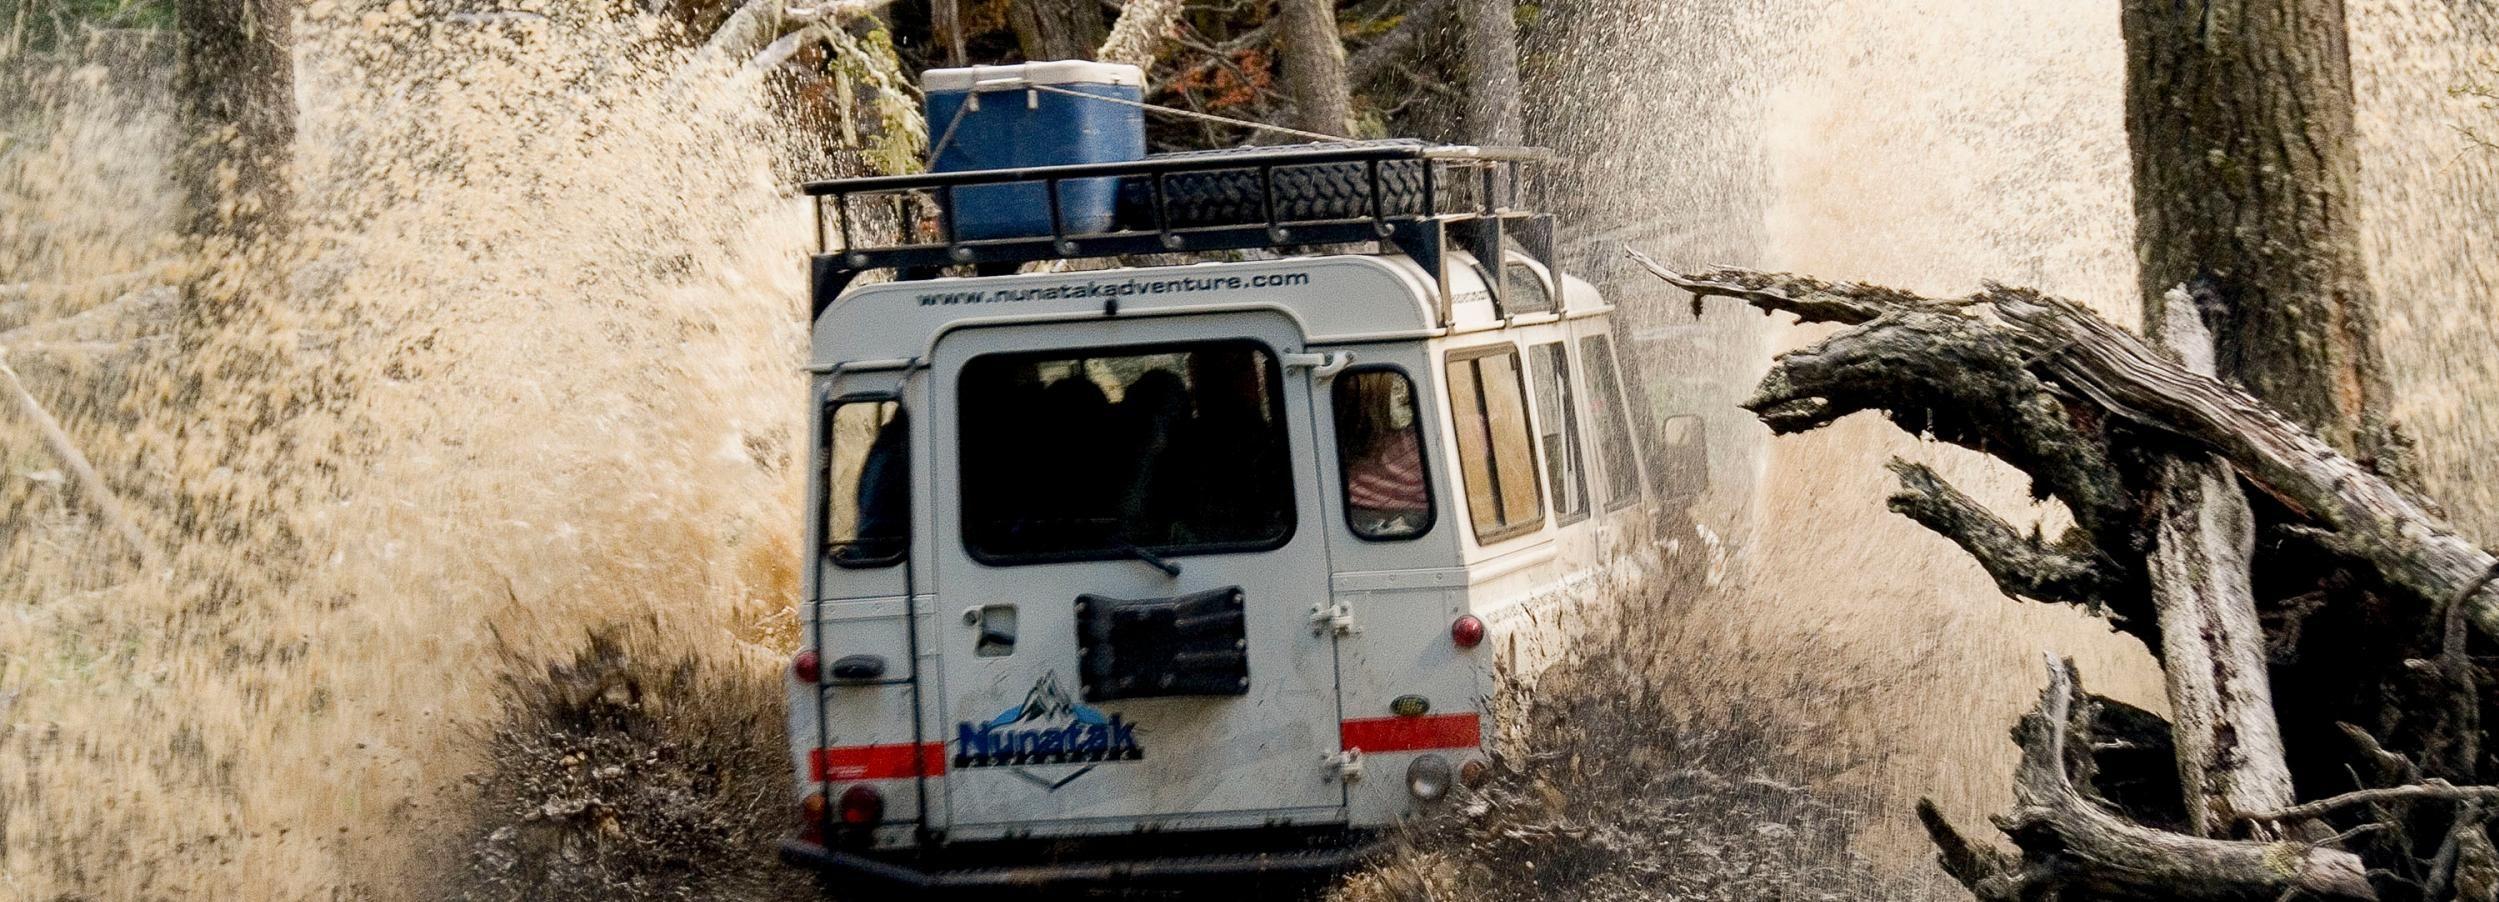 De Ushuaia: Viagem de Jipe no Lago Escondido com Canoagem